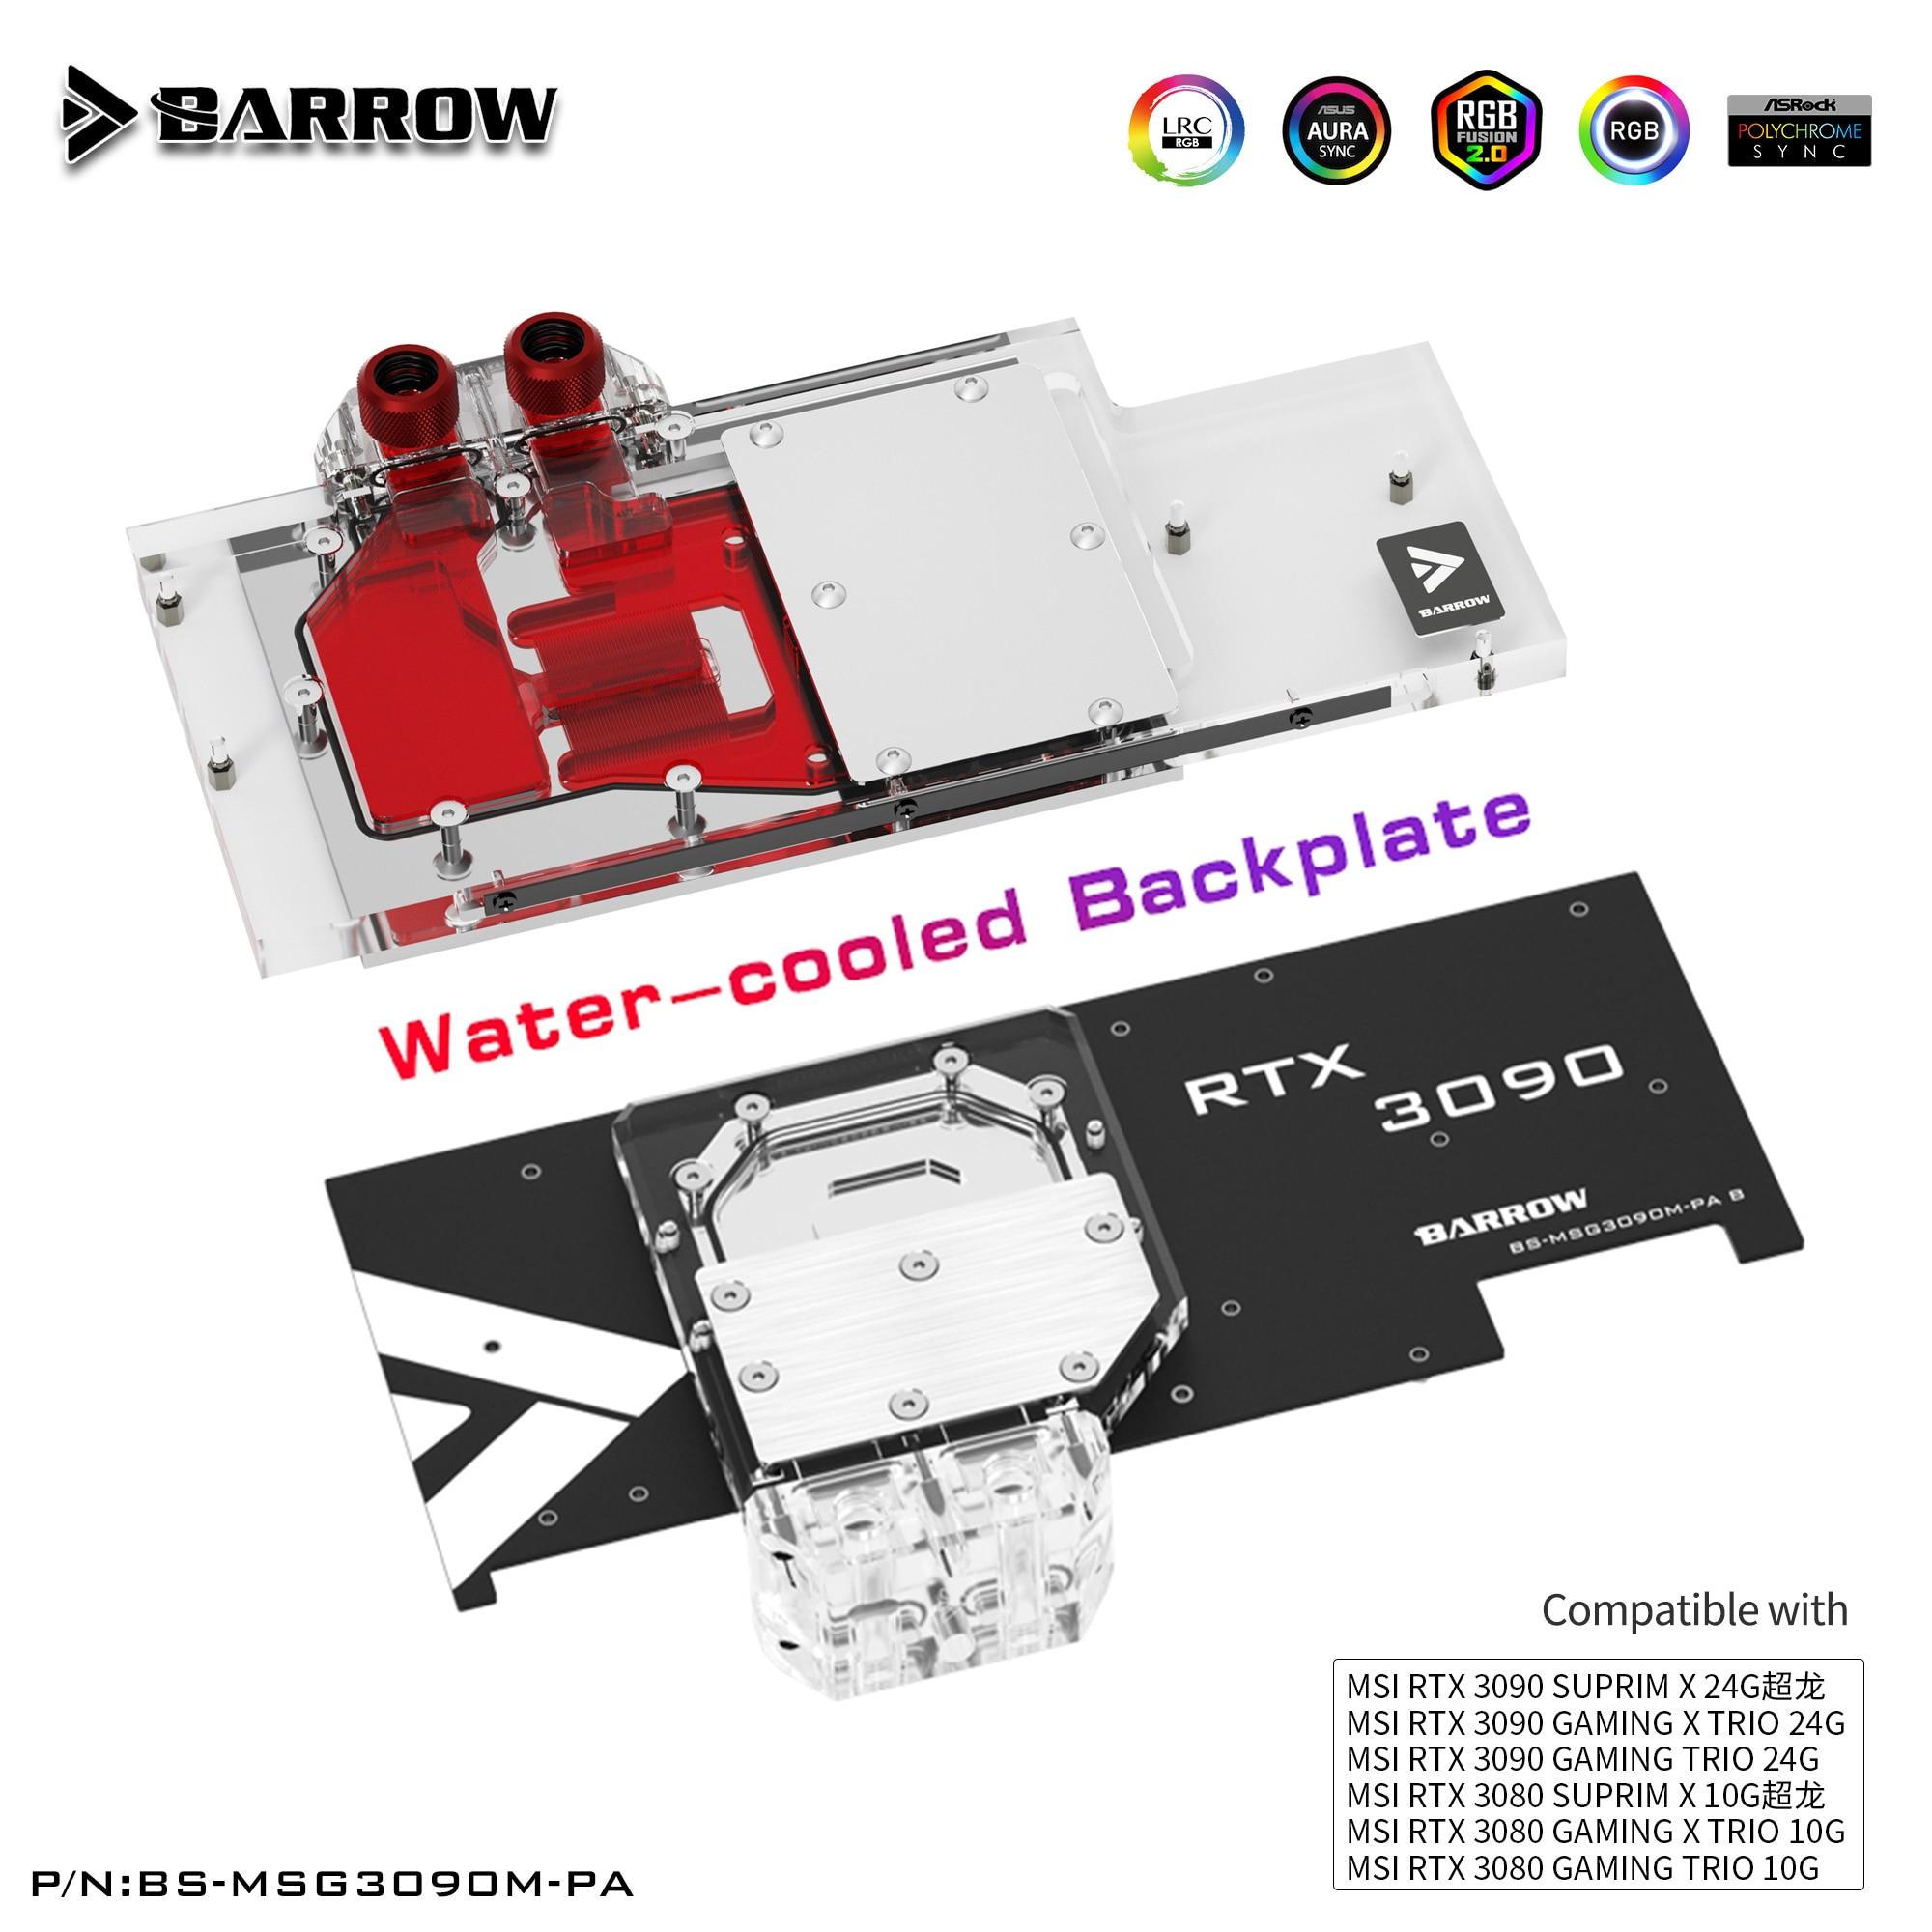 بارو MSI 3080 3090 كتلة كتلة اللوحة الخلفية النشطة ل MSI RTX 3090 3080 الألعاب X الثلاثي كتلة المياه لوحة الكترونية معززة BS-MSG3090M-PA